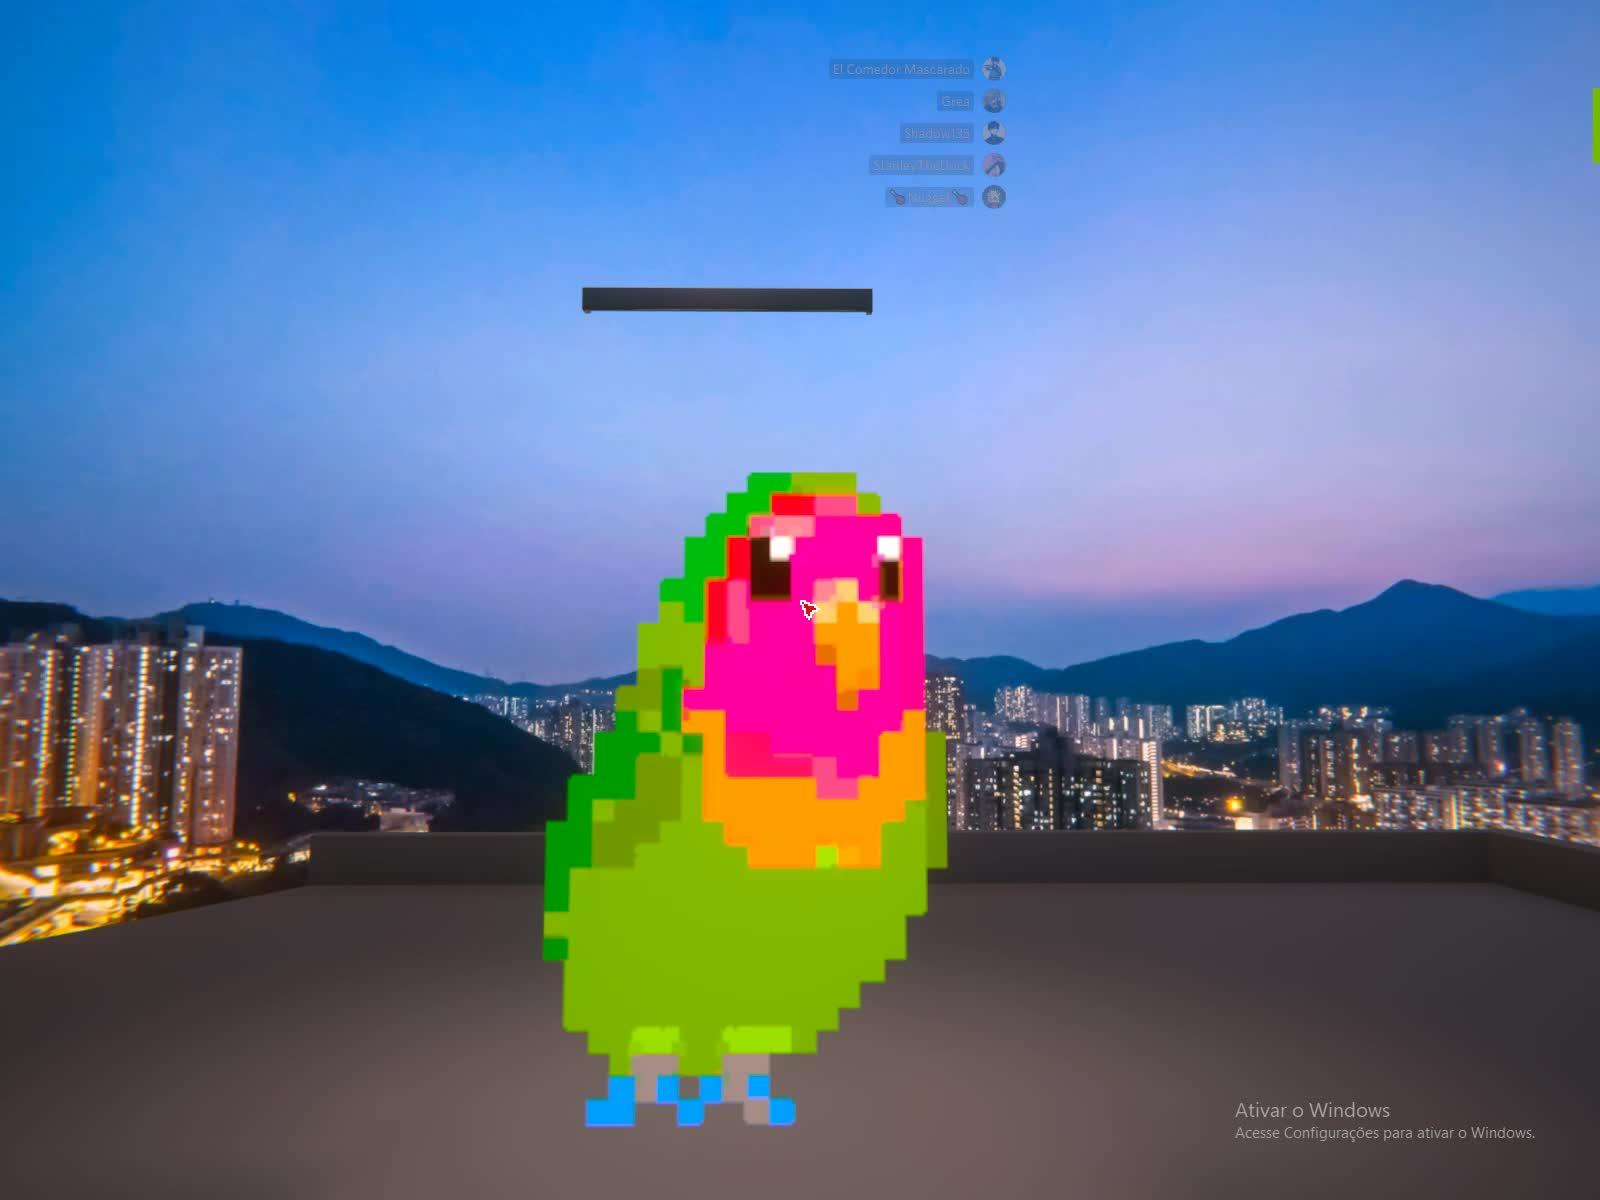 dancando, papagaio, vrchat, Papagaio dançando vr chat GIFs